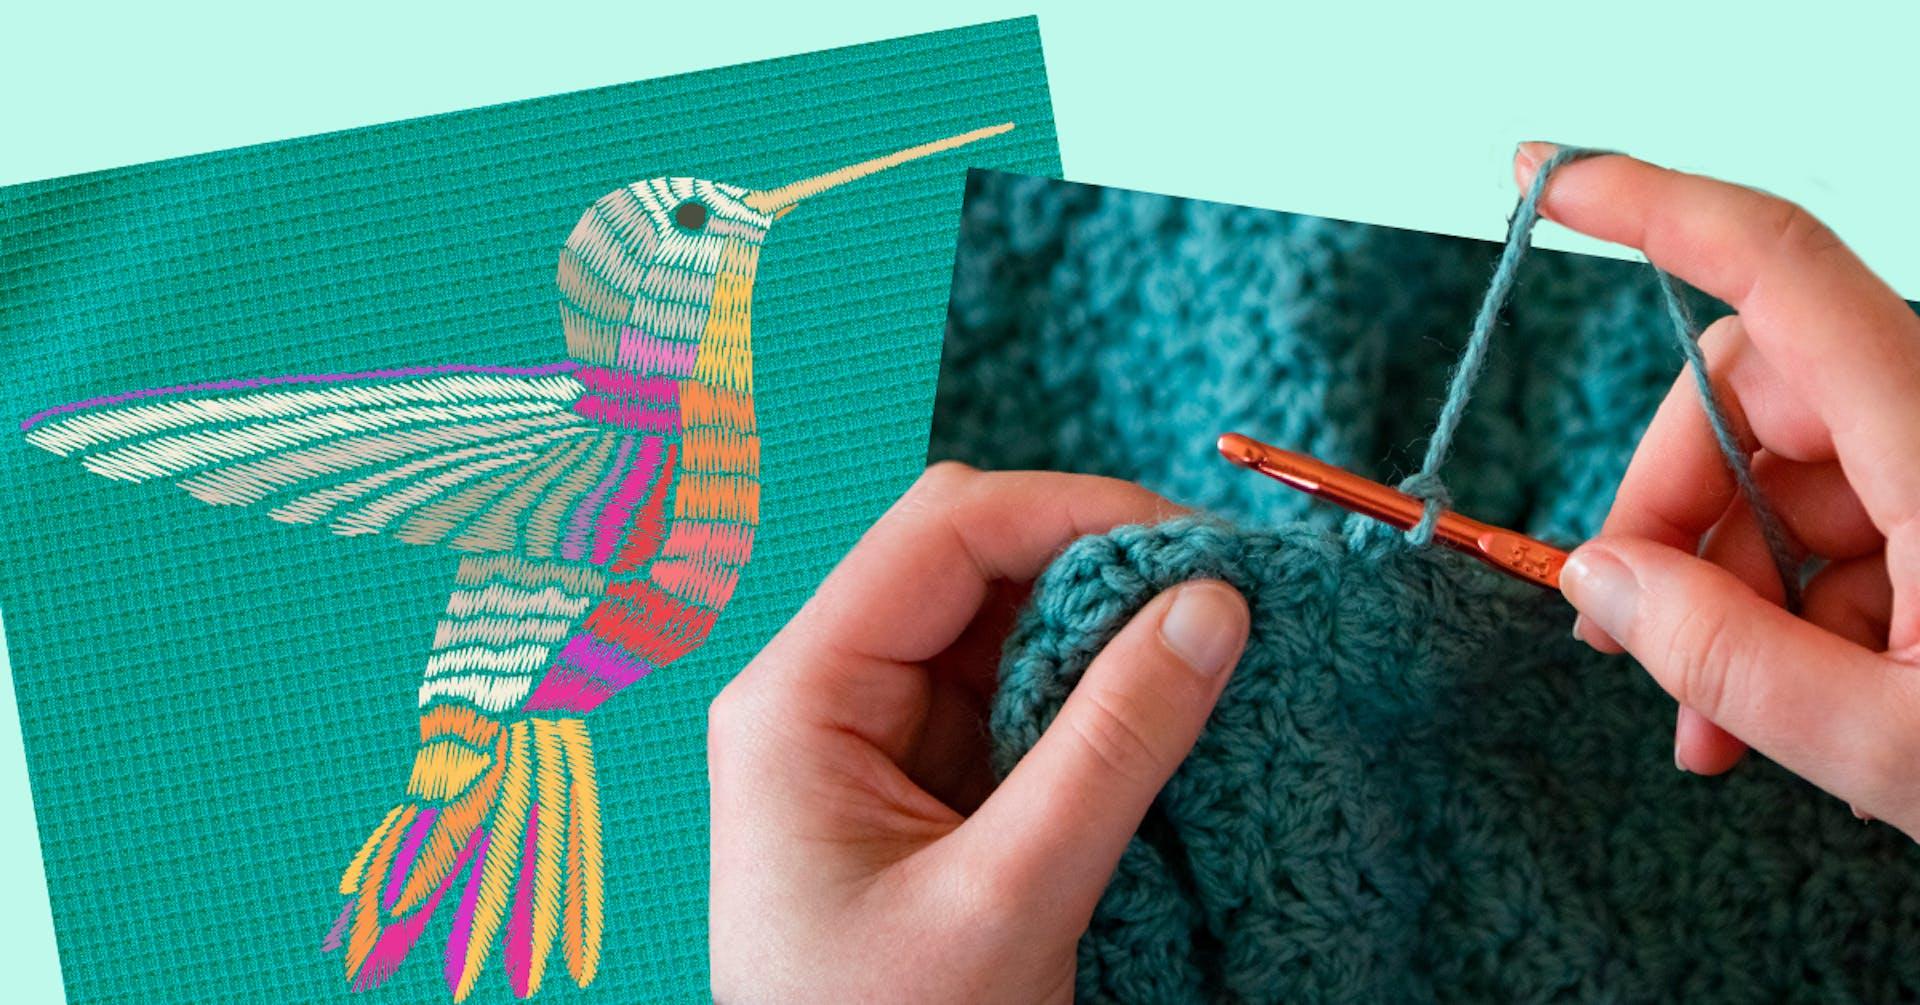 Lo tradicional está de vuelta: ¿Crochet o bordado?